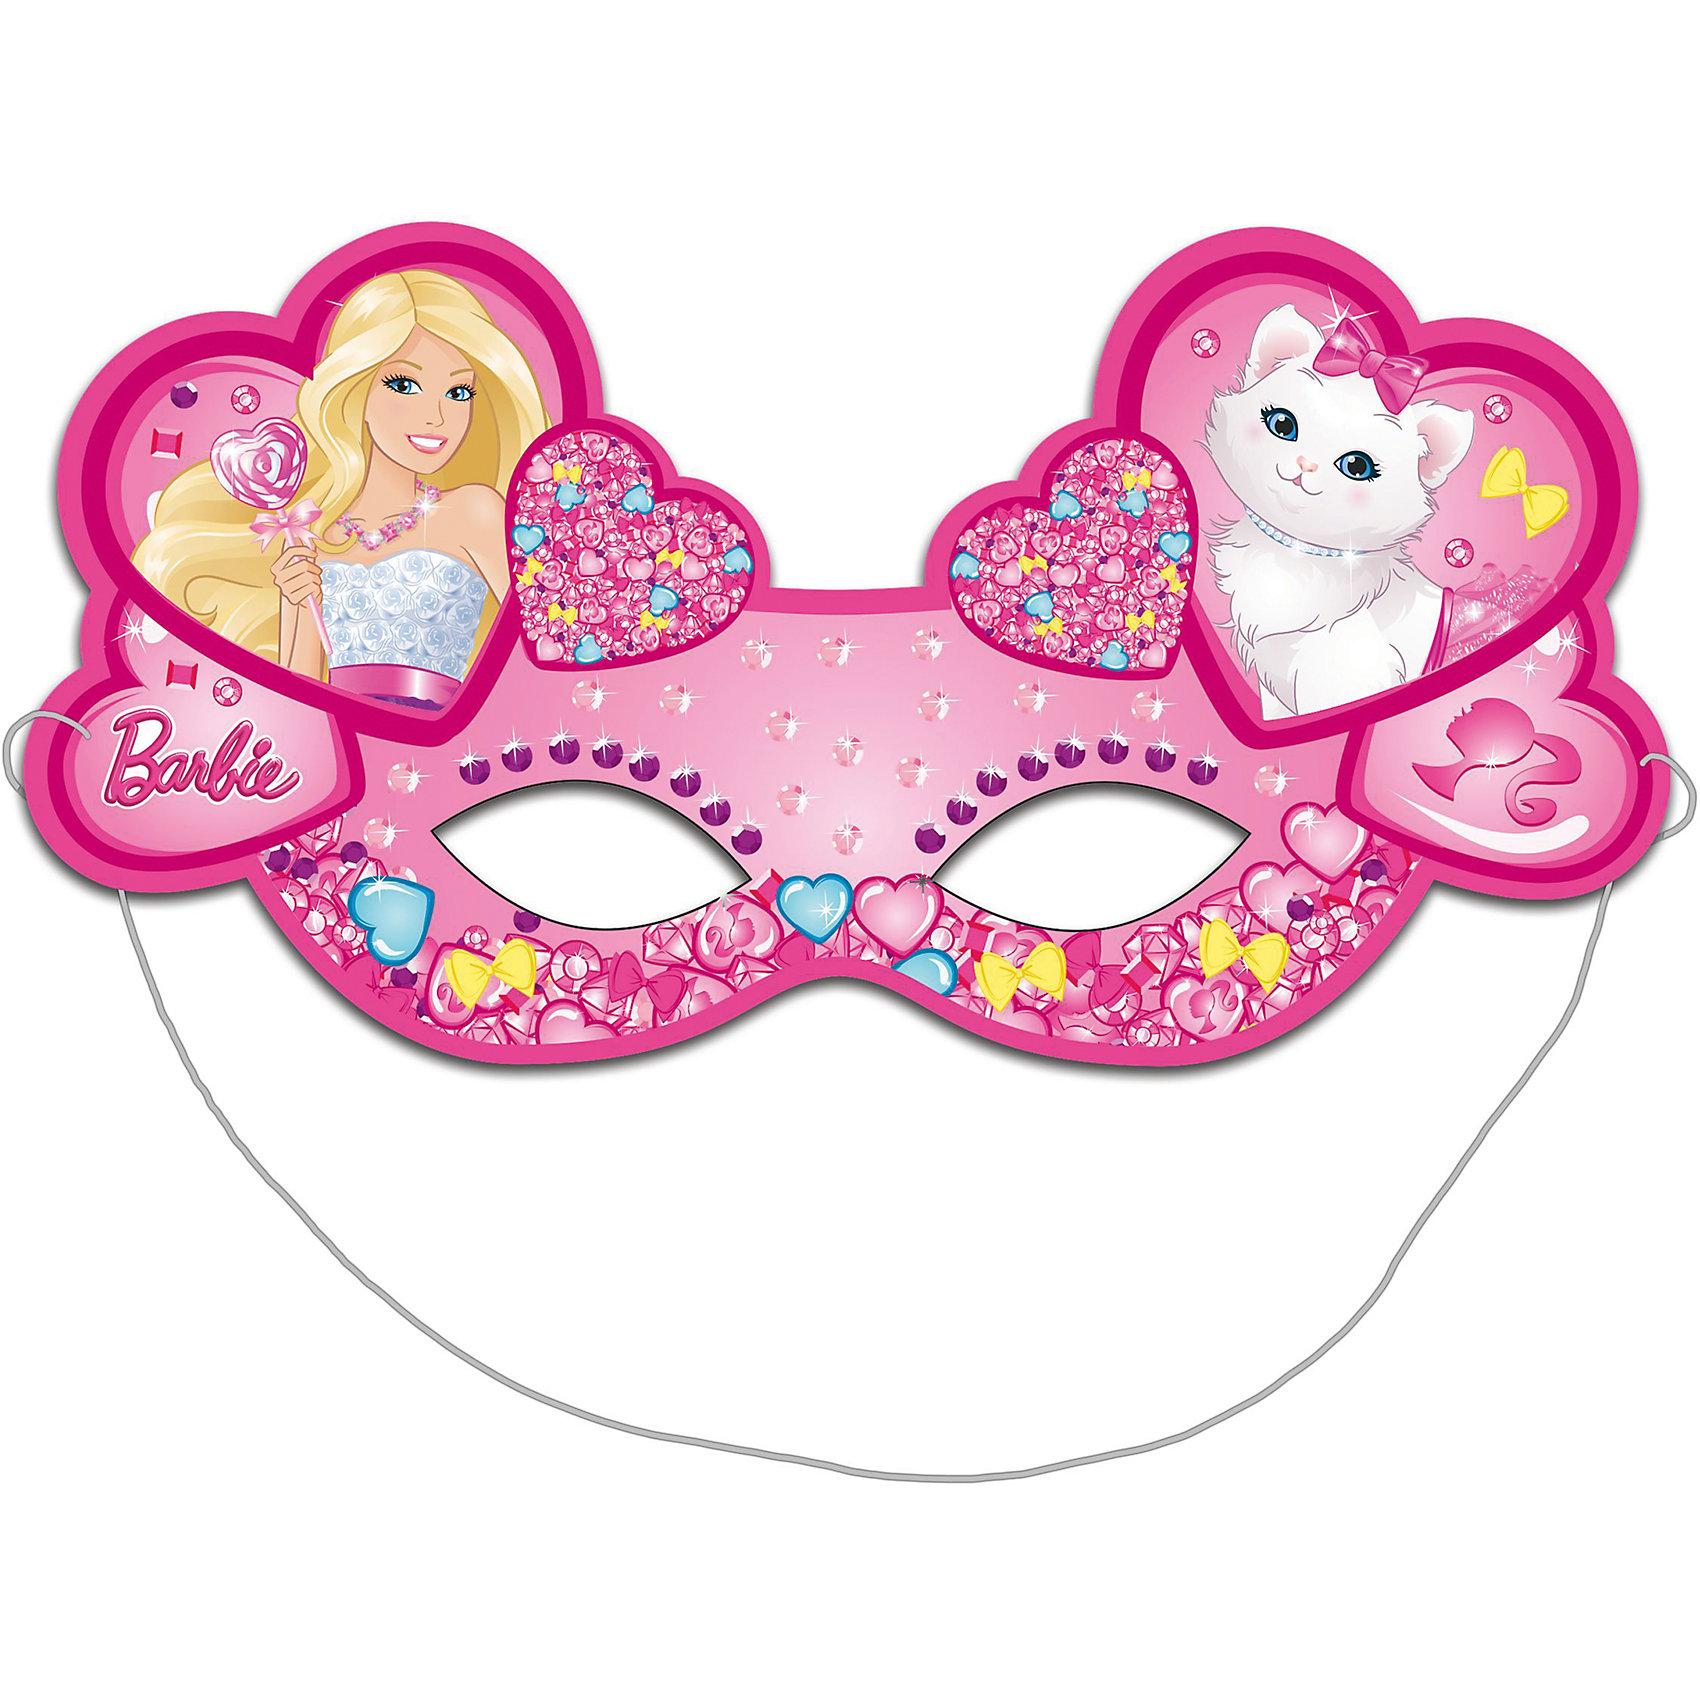 Маска бумажная 6шт, БарбиBarbie<br>Очаровательные розовые маски с изображением красавицы Барби и ее милой кошечки необыкновенно украсят участниц детского праздника или карнавала, подарив маленьким модницам прекрасное настроение.&#13;<br>В наборе «Барби» 6 ярких детских масок из плотной бумаги на резинках. Товар сертифицирован. Вы также можете выбрать другие товары из данной серии: стаканы, тарелки, салфетки, язычки, колпаки, подарочный набор посуды, приглашение в конверте, скатерть, дудочки, подарочные пакеты и другие товары.<br><br>Ширина мм: 225<br>Глубина мм: 130<br>Высота мм: 3<br>Вес г: 30<br>Возраст от месяцев: 36<br>Возраст до месяцев: 120<br>Пол: Унисекс<br>Возраст: Детский<br>SKU: 5016488